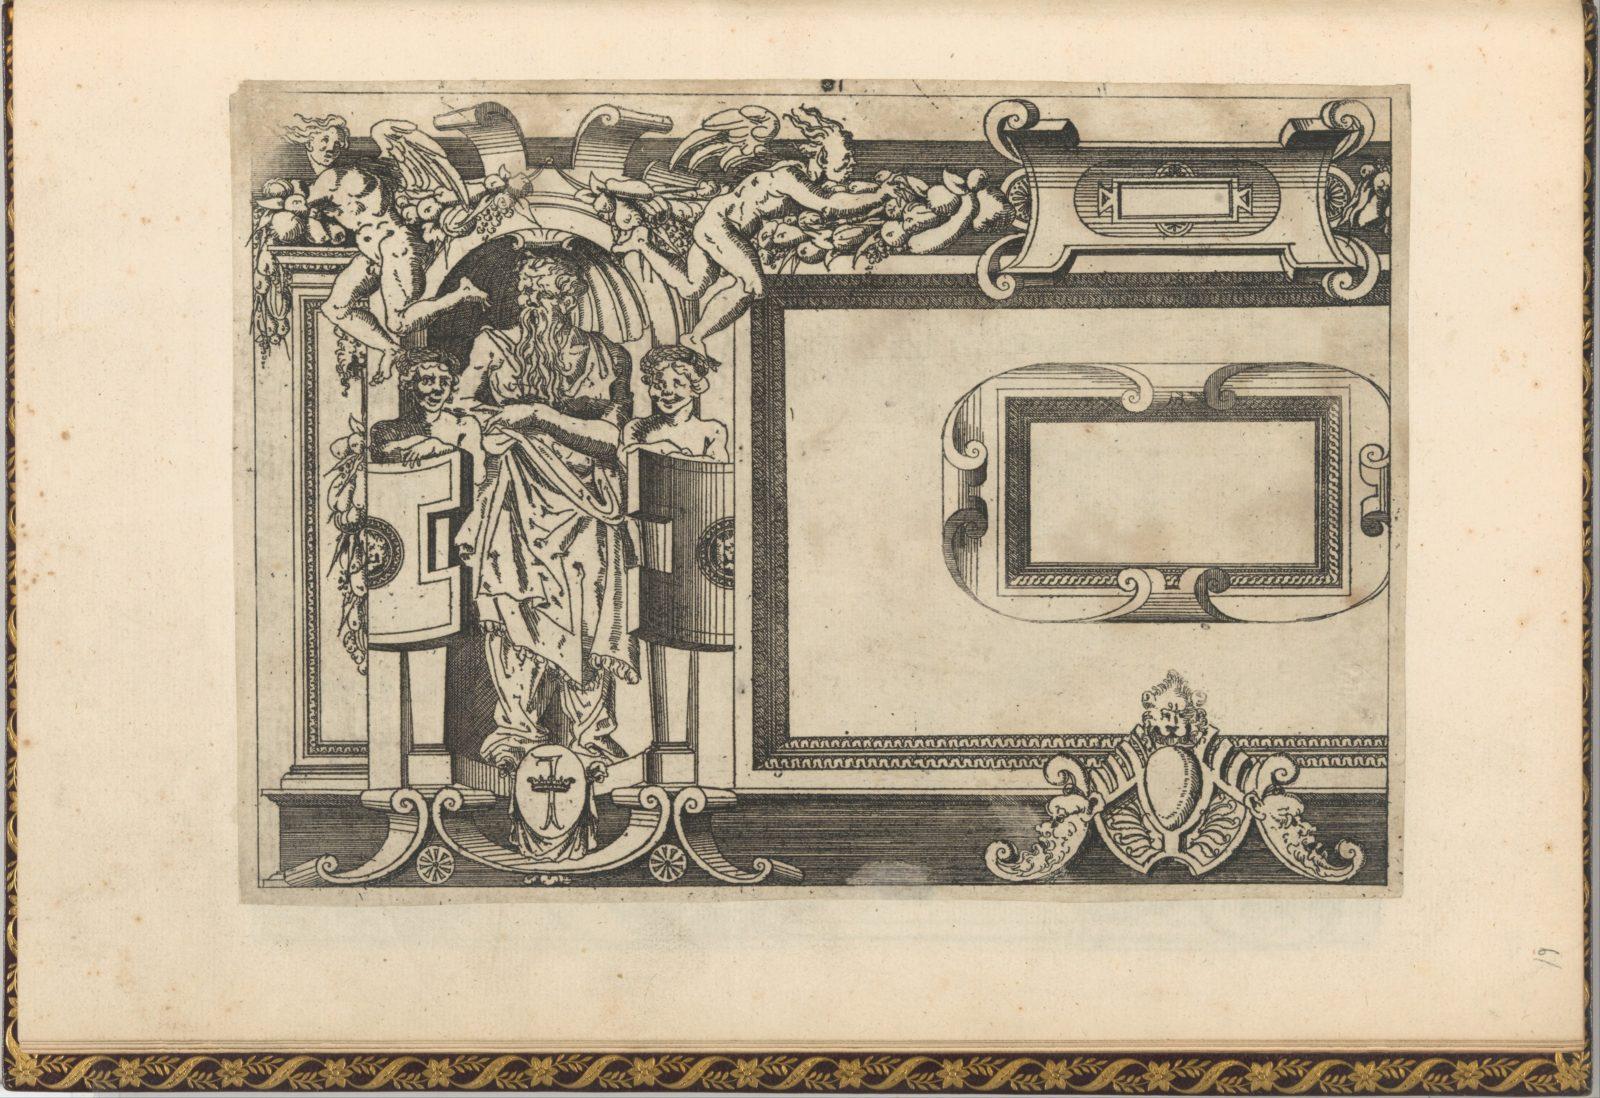 Designs for frames after the Galerie de François 1er at Fontainebleau